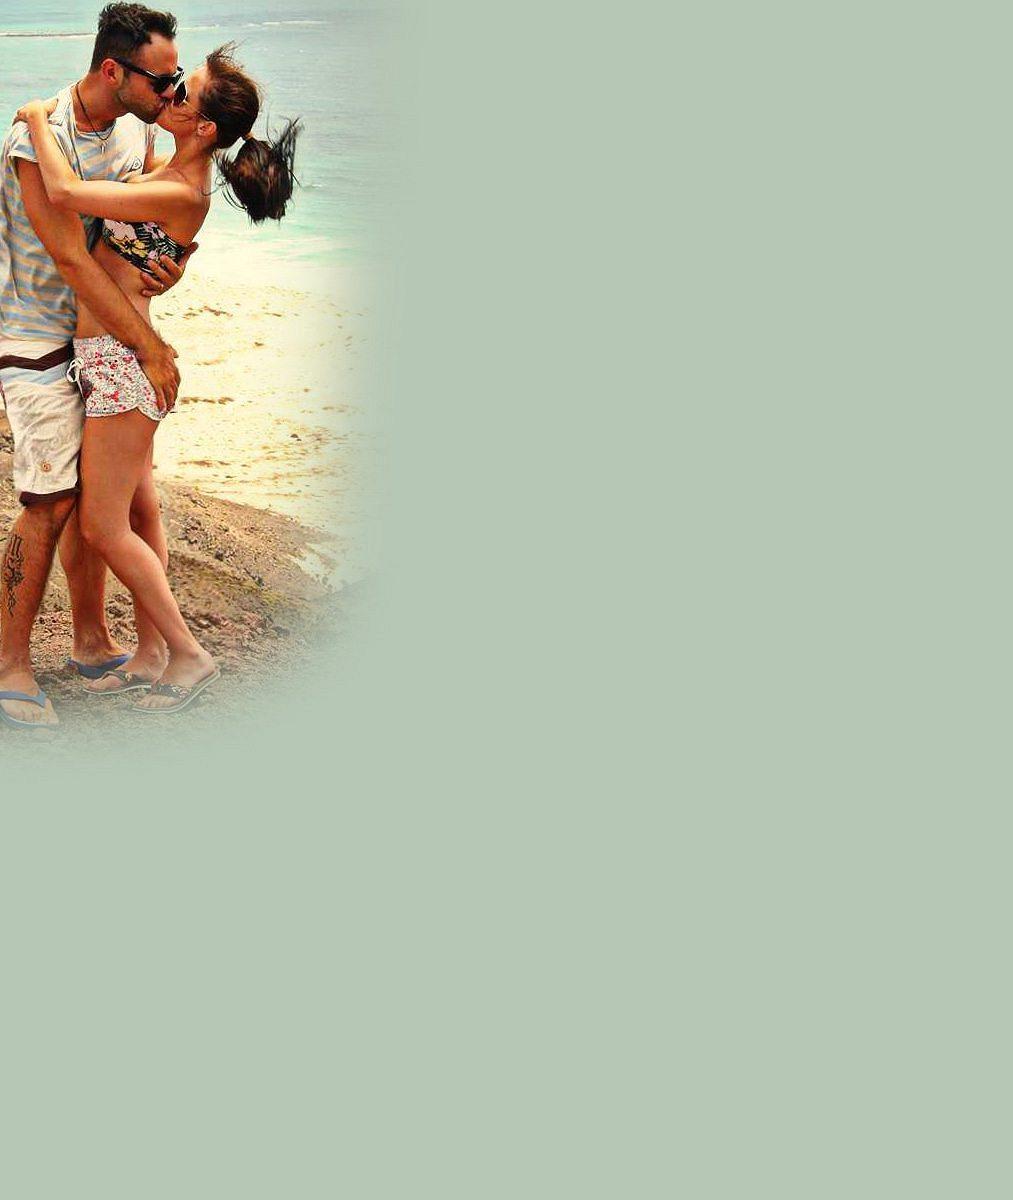 Je nádherná: Český zpěvák se pochlubil svou novomanželkou. Podívejte, jak si užívala na pláži v exotice